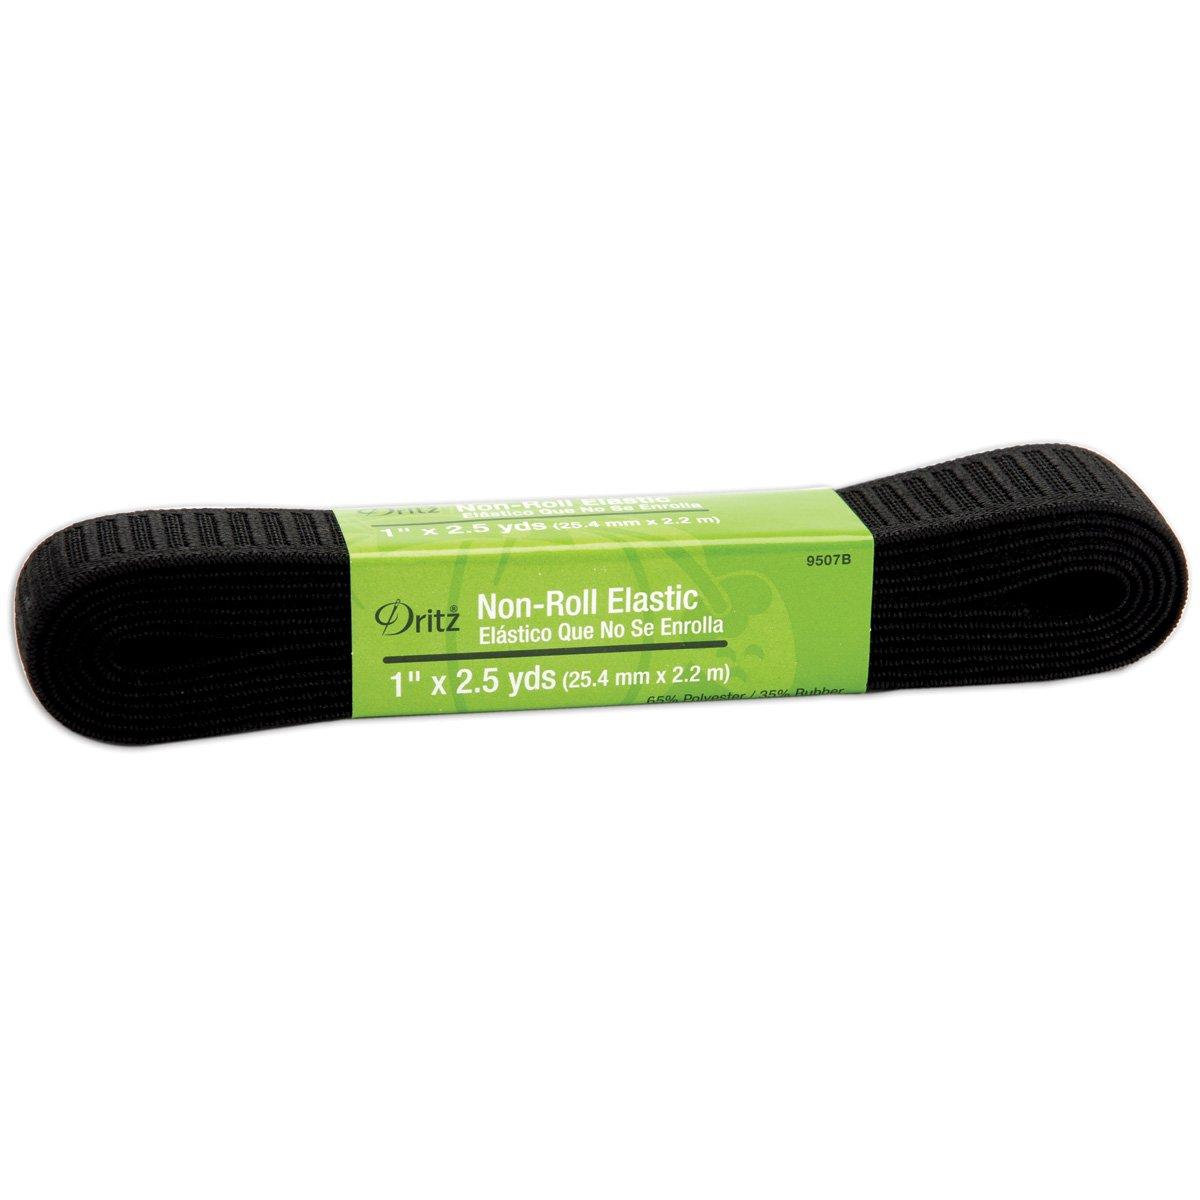 Amazon.com: Dritz 9507B Non-Roll Woven Elastic, Black, 1-Inch